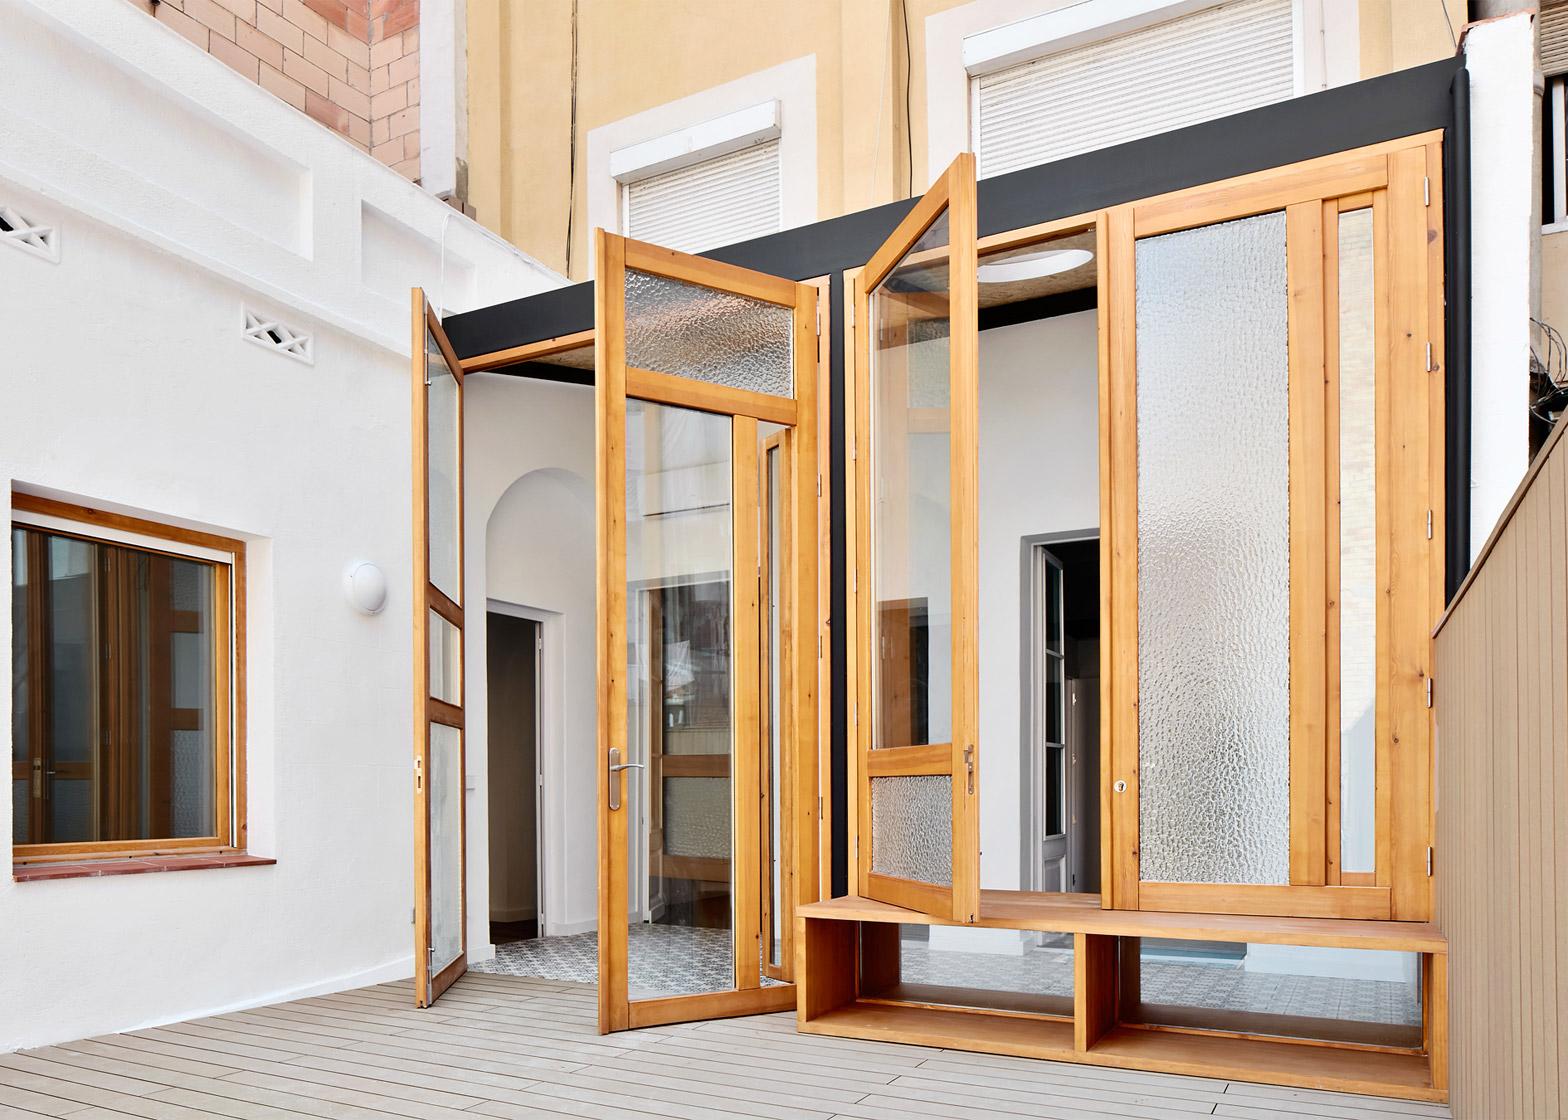 Tamarit-Apartment_Ras-Arquitectura_dezeen_1568_10